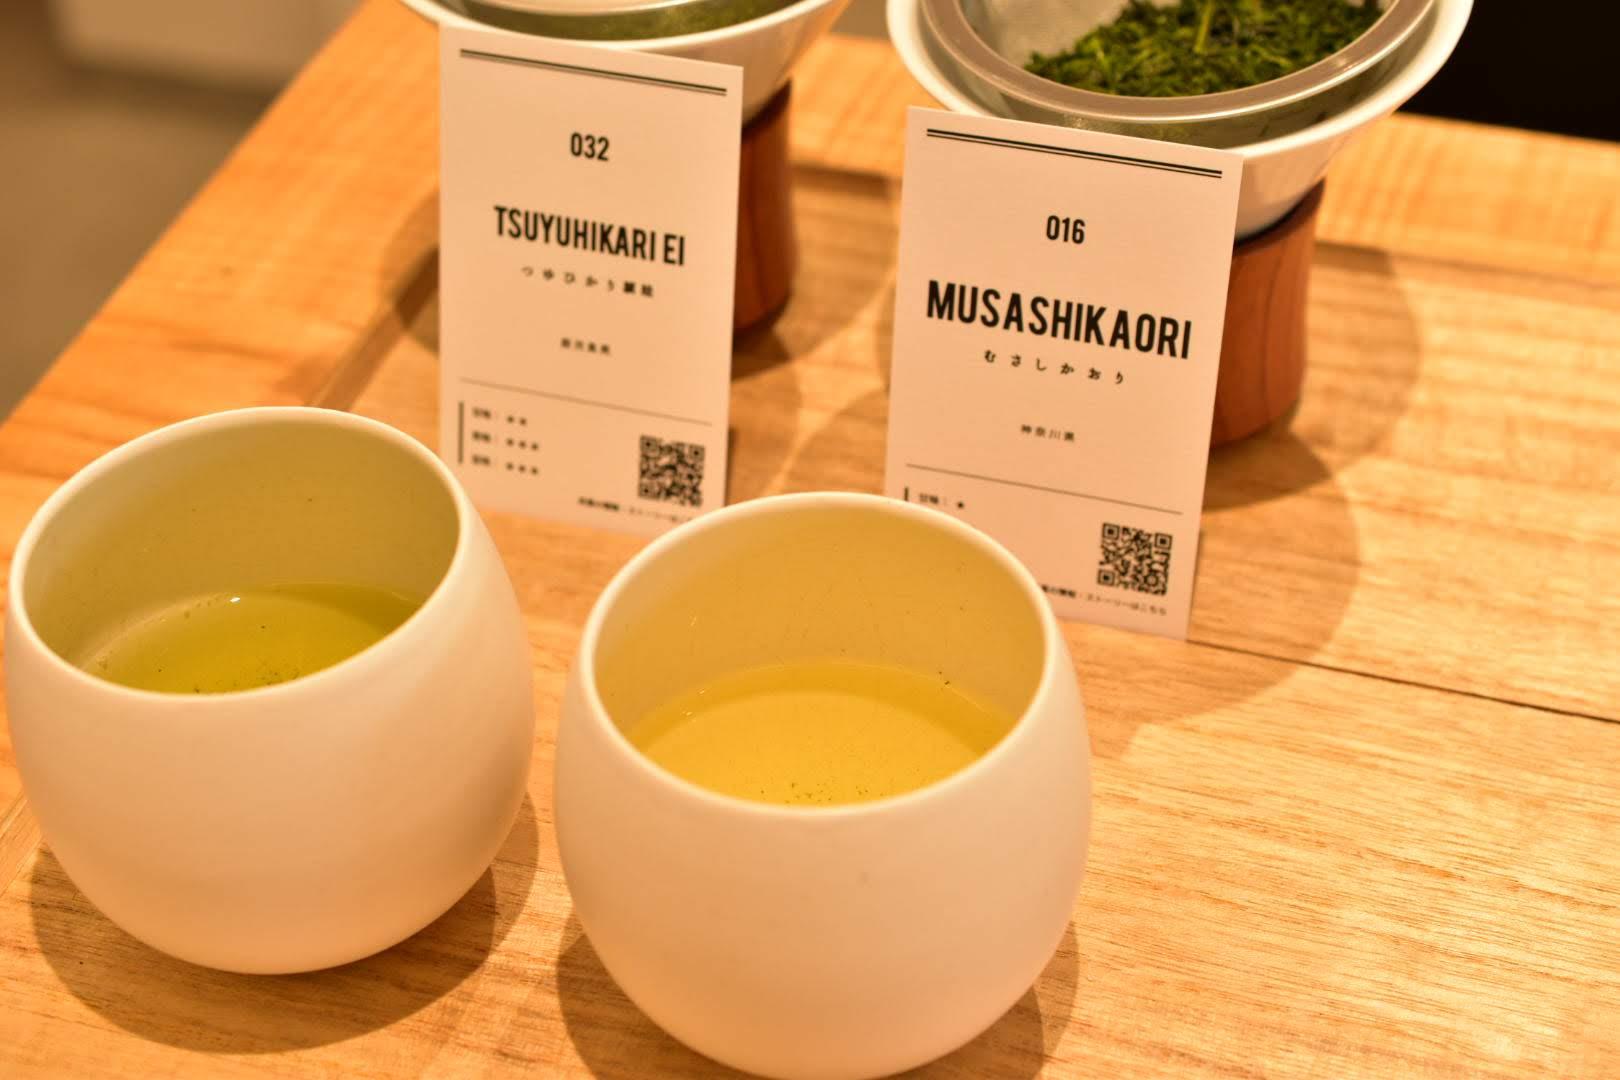 東京茶寮ー日本茶の沼が私を呼んでいる